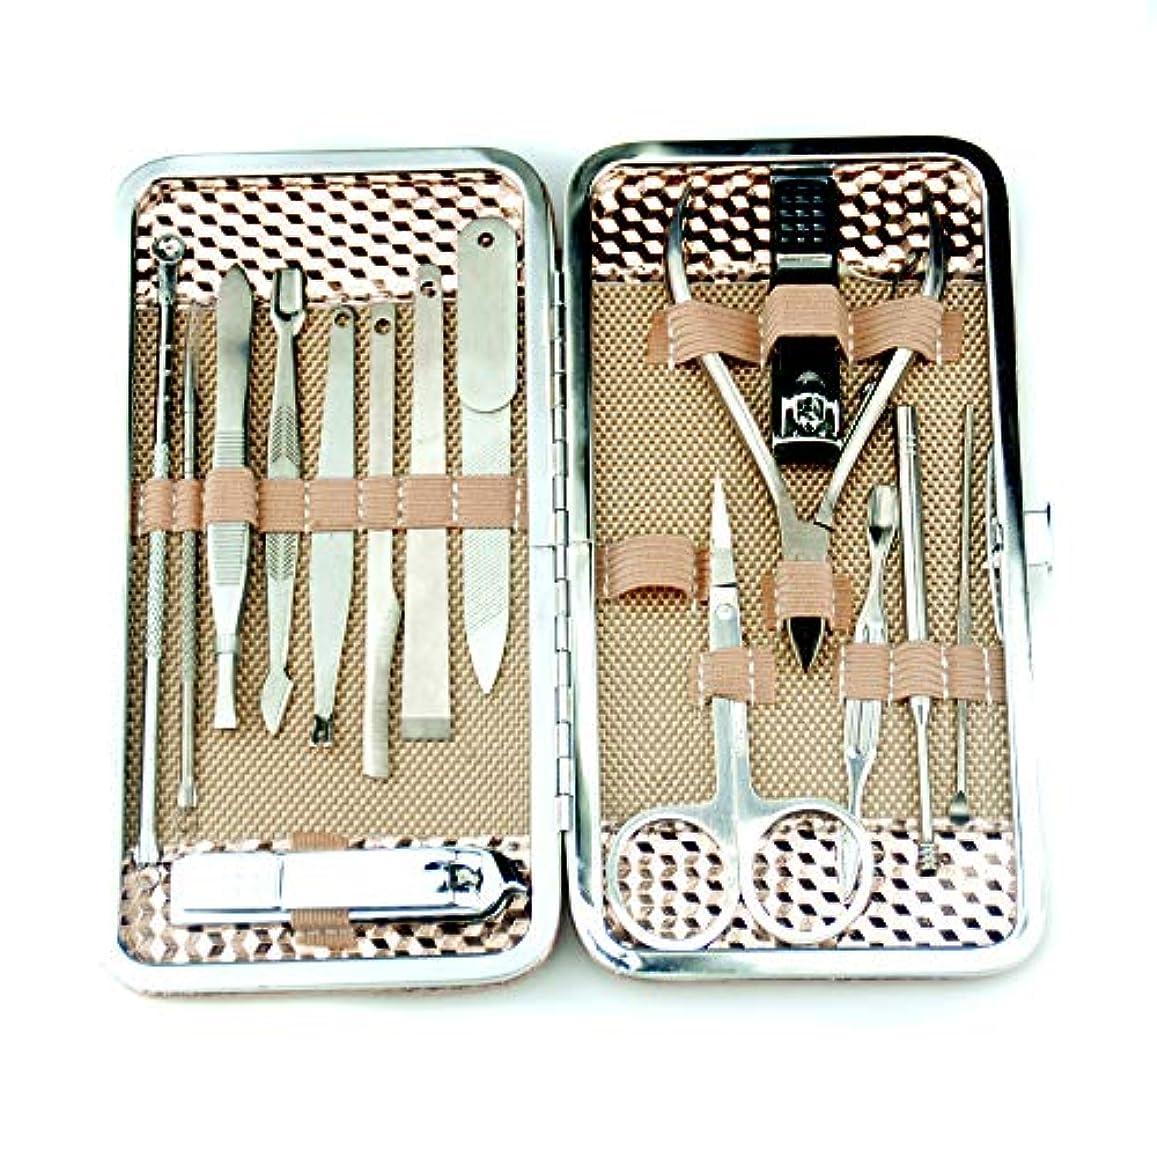 修正するエンゲージメントポンプ16イン1ステンレス鋼爪切りセット、マニキュアペディキュアグルーミングキット女性用、ネイルケアキットポータブル収納ケース付き